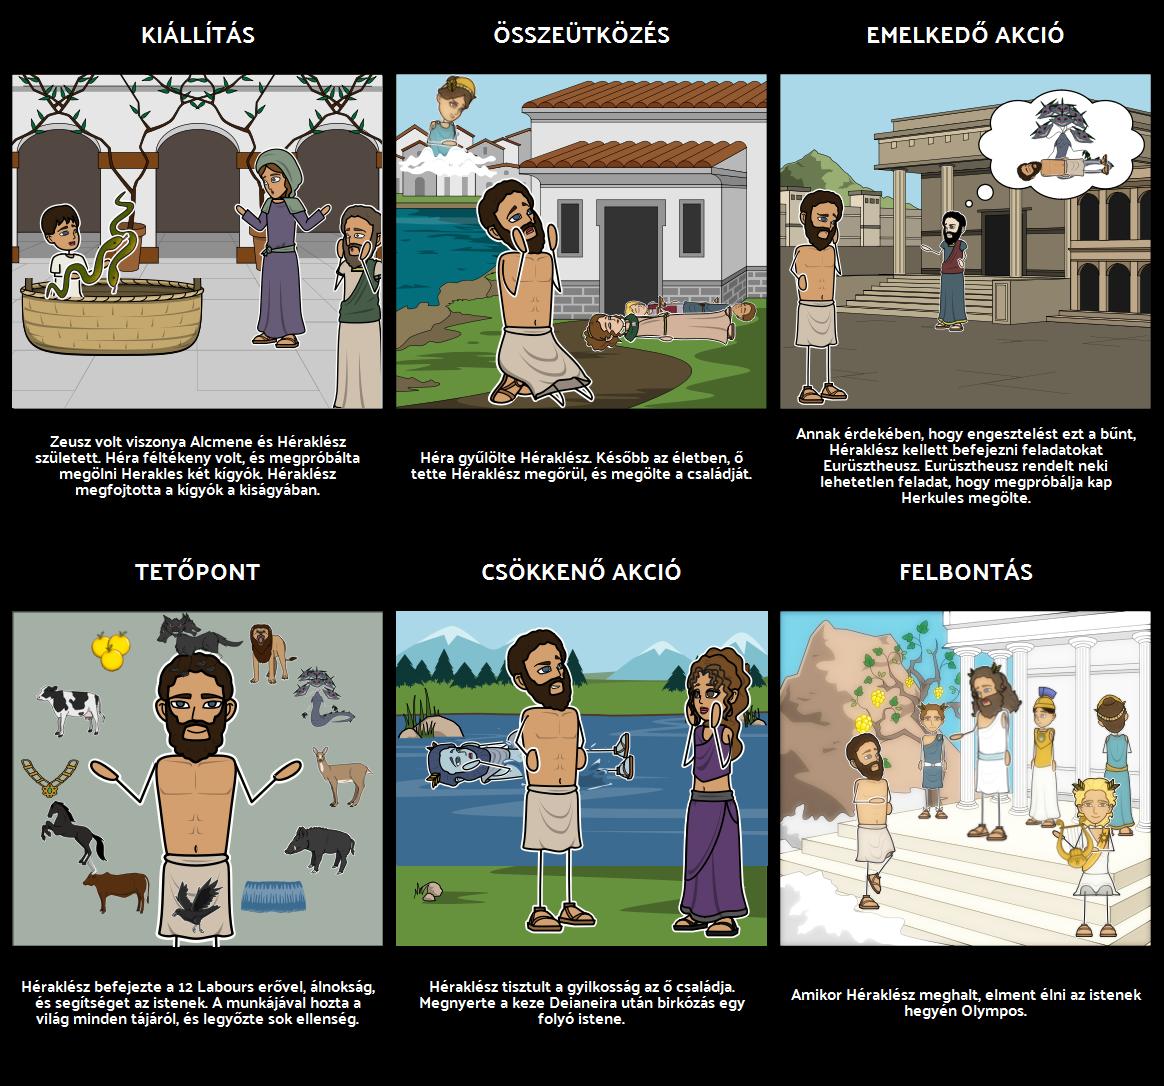 Story of Héraklész